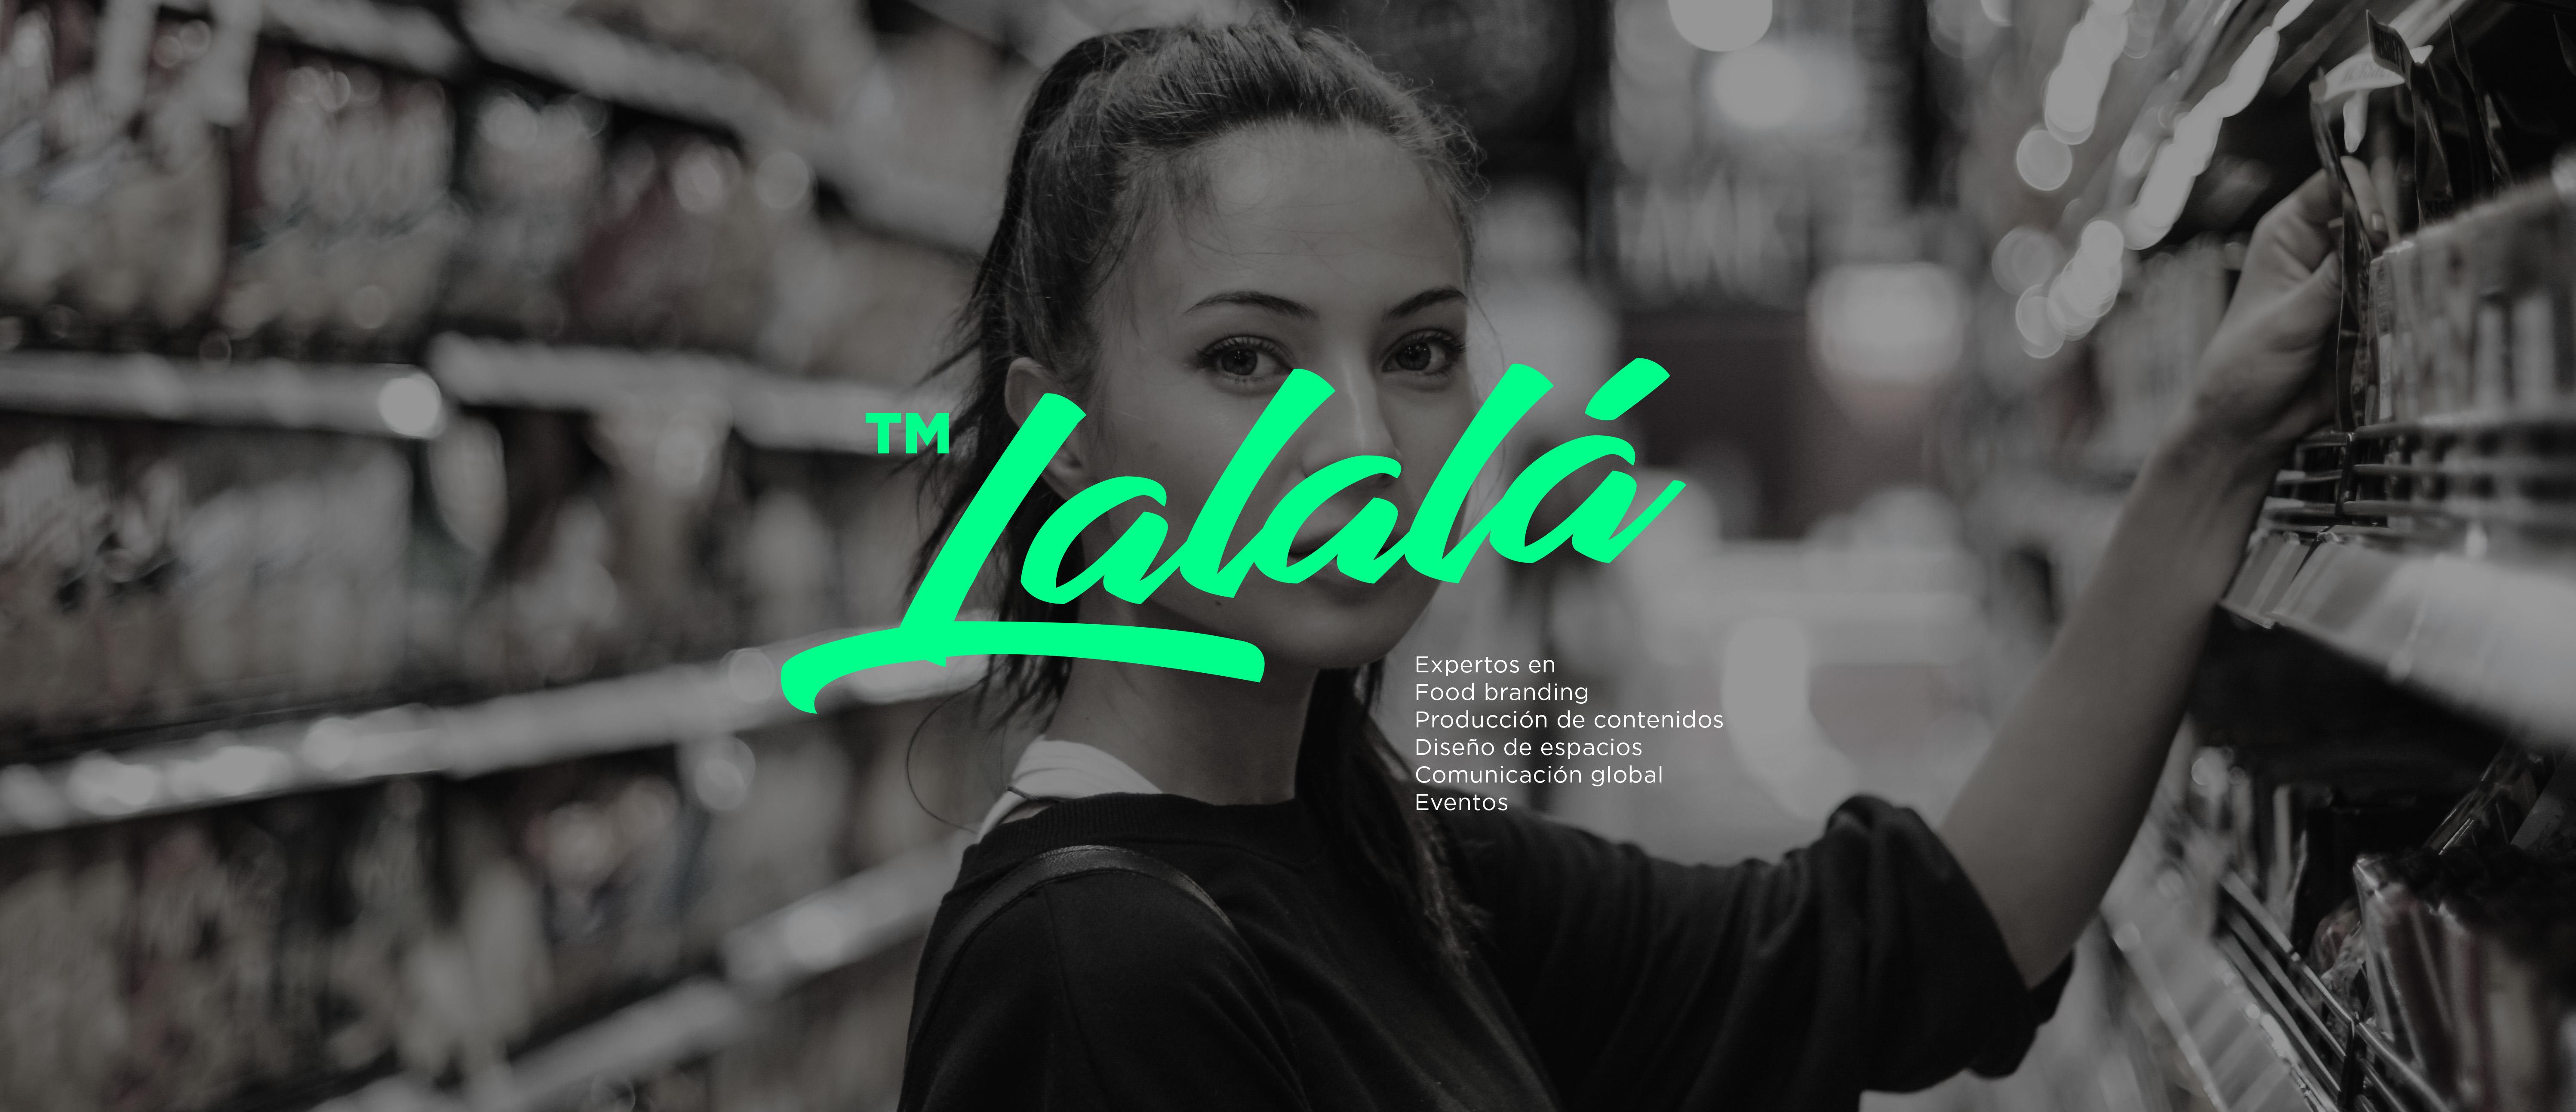 Portada de website diseñado por Legrafico para Lalala food brands